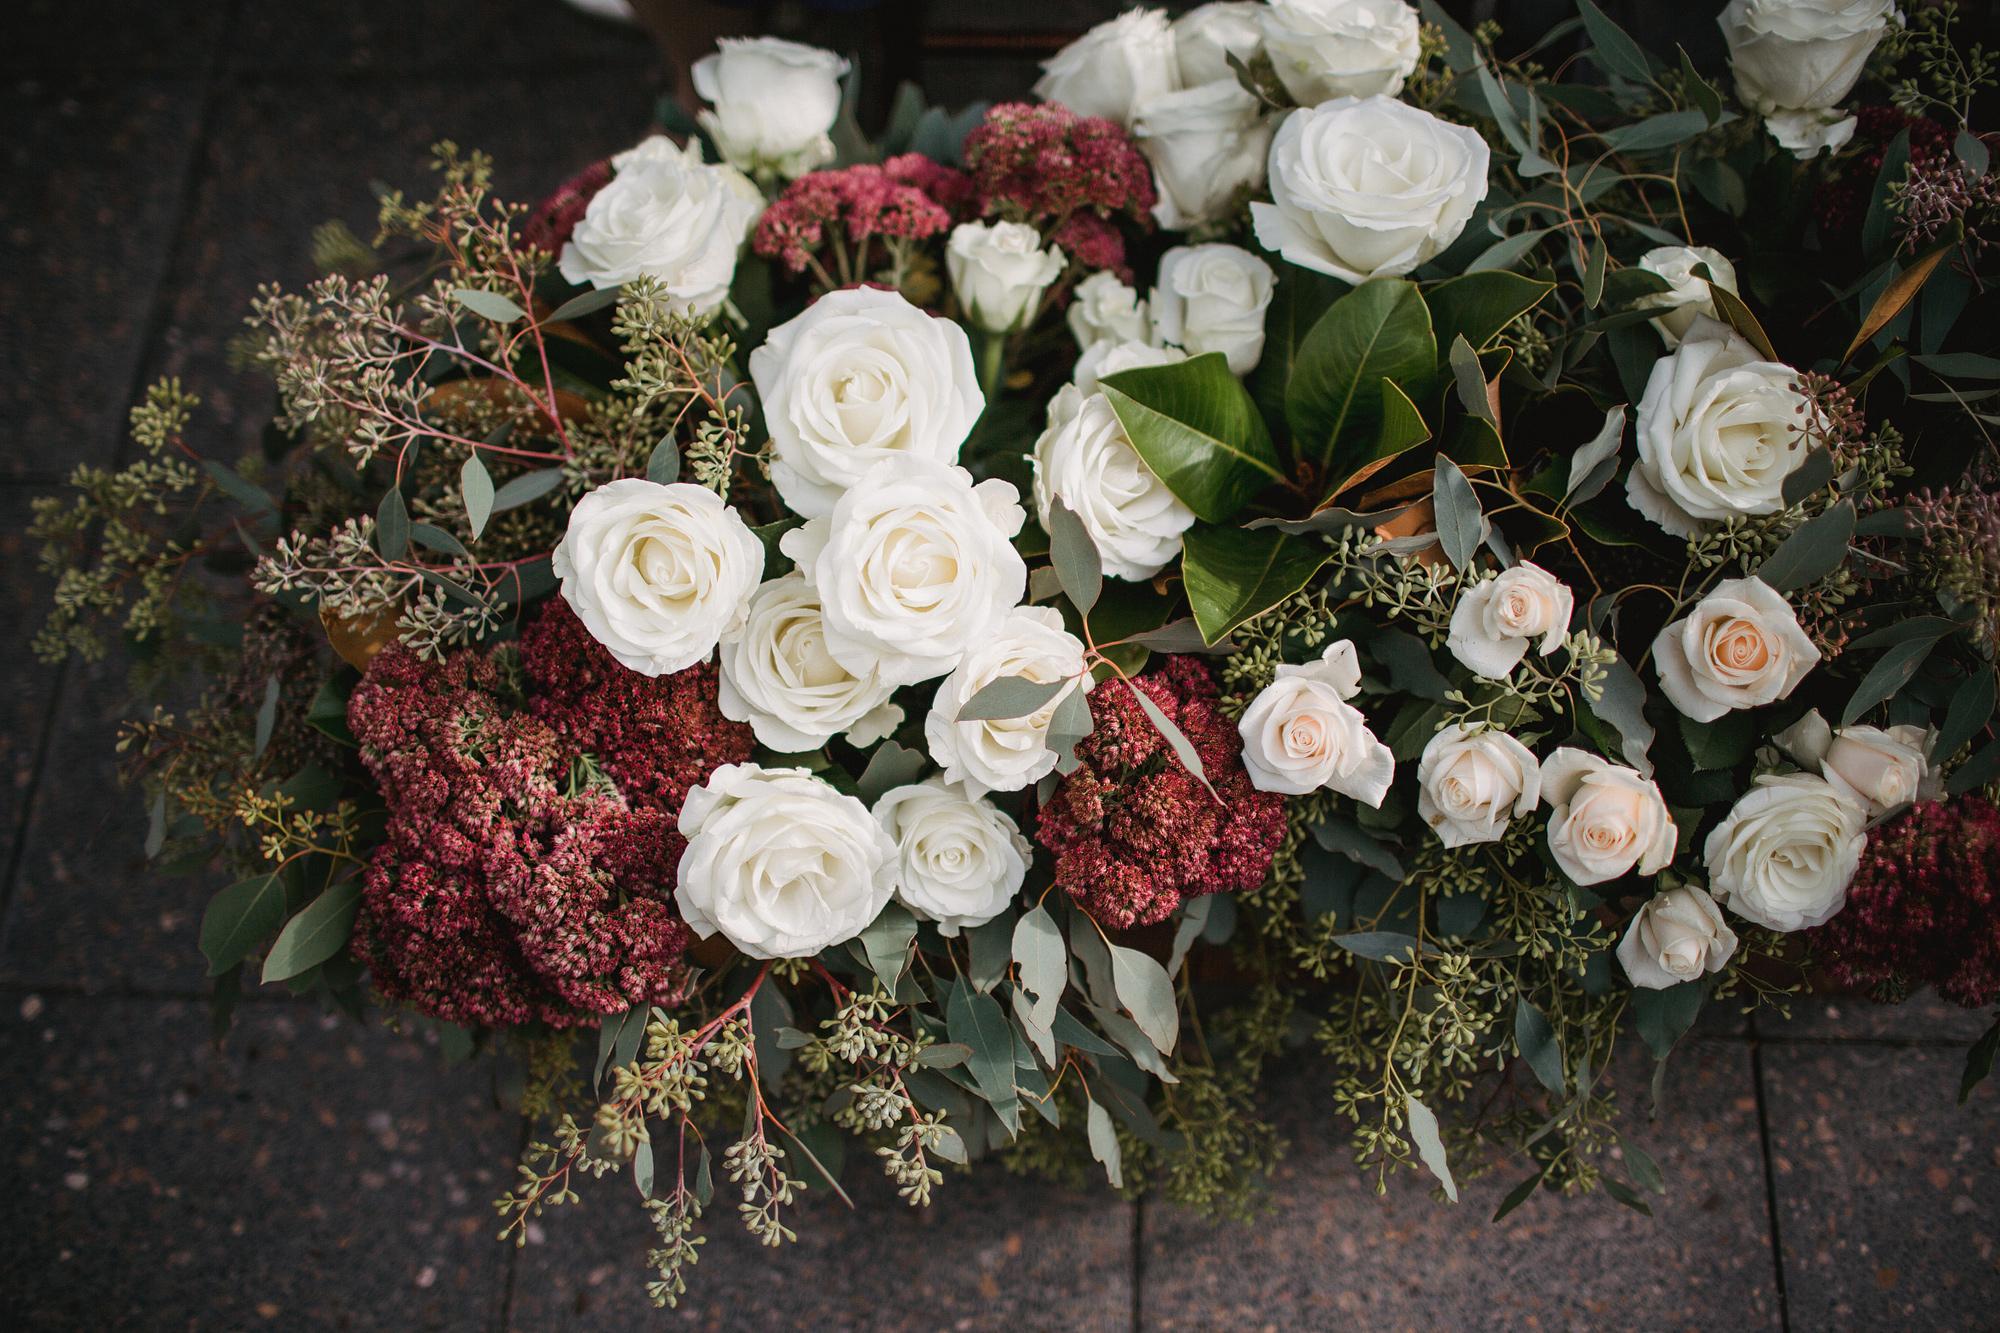 Ceci_New_York_Custom_Invitation_Australia_Perth_Destination_Wedding_Luxury_Personalized_Ceci_Style_Bride_43.jpg